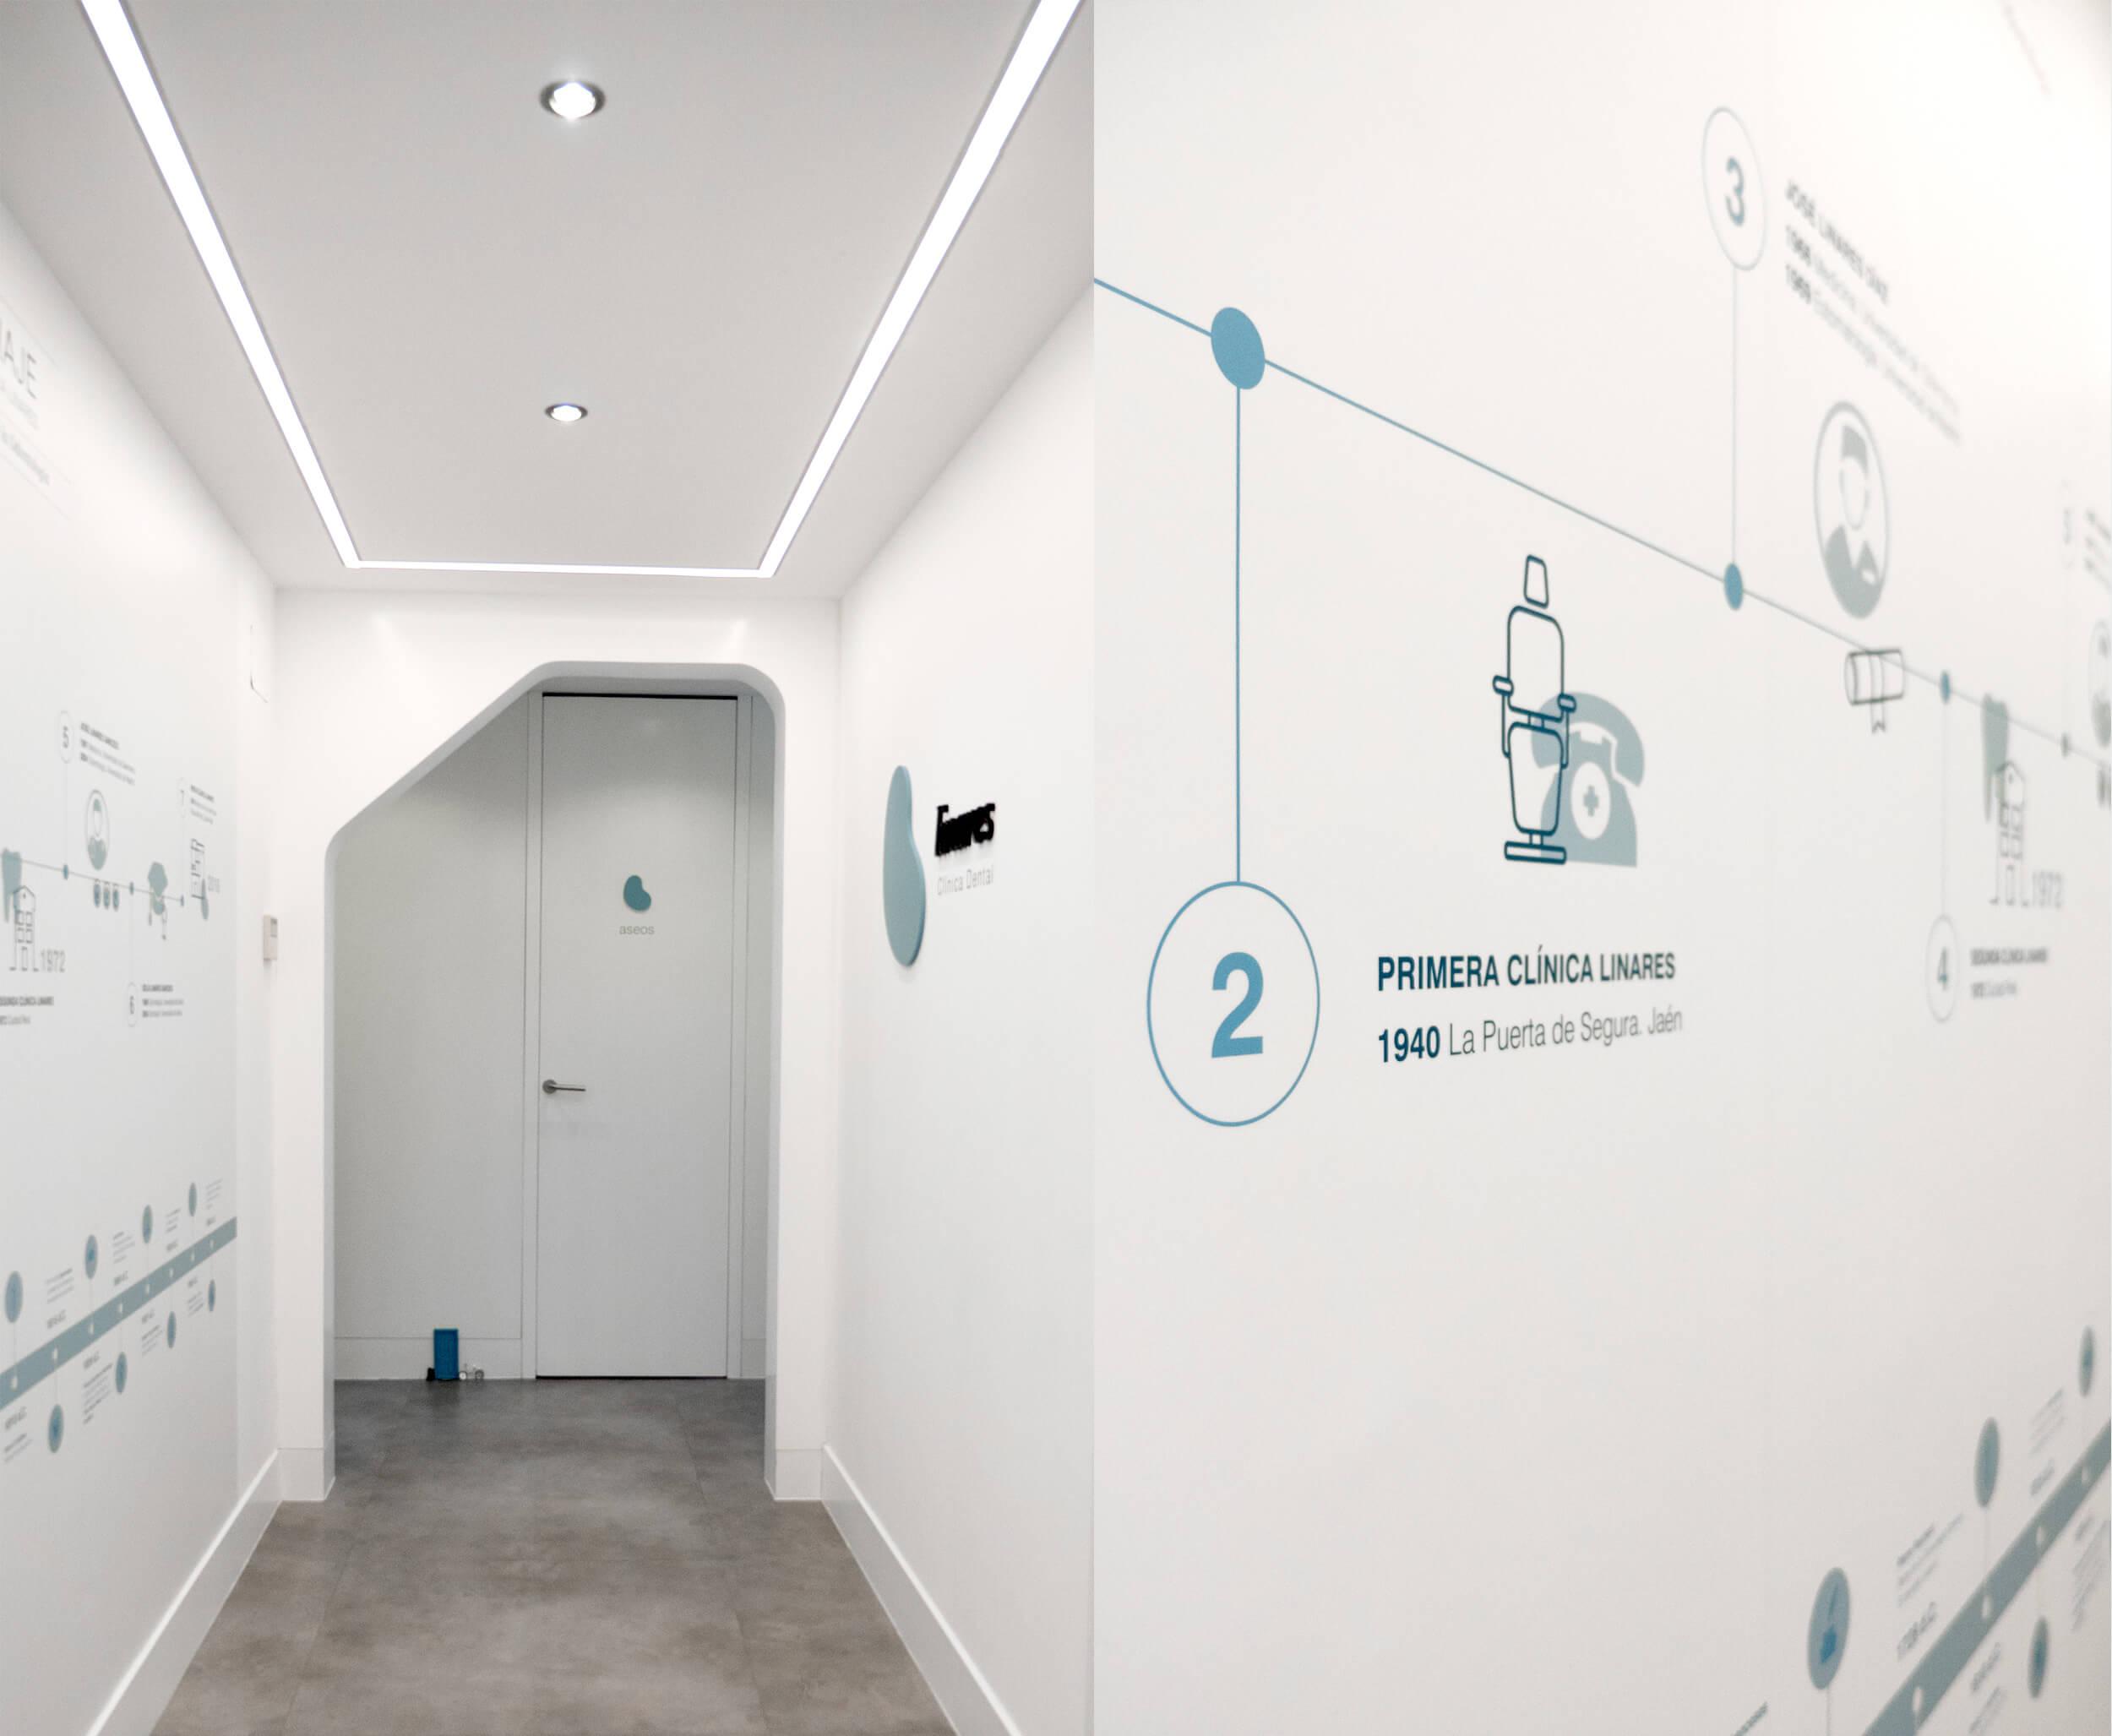 Señalética y muro gráfico de la recepción de la Clínica Linares